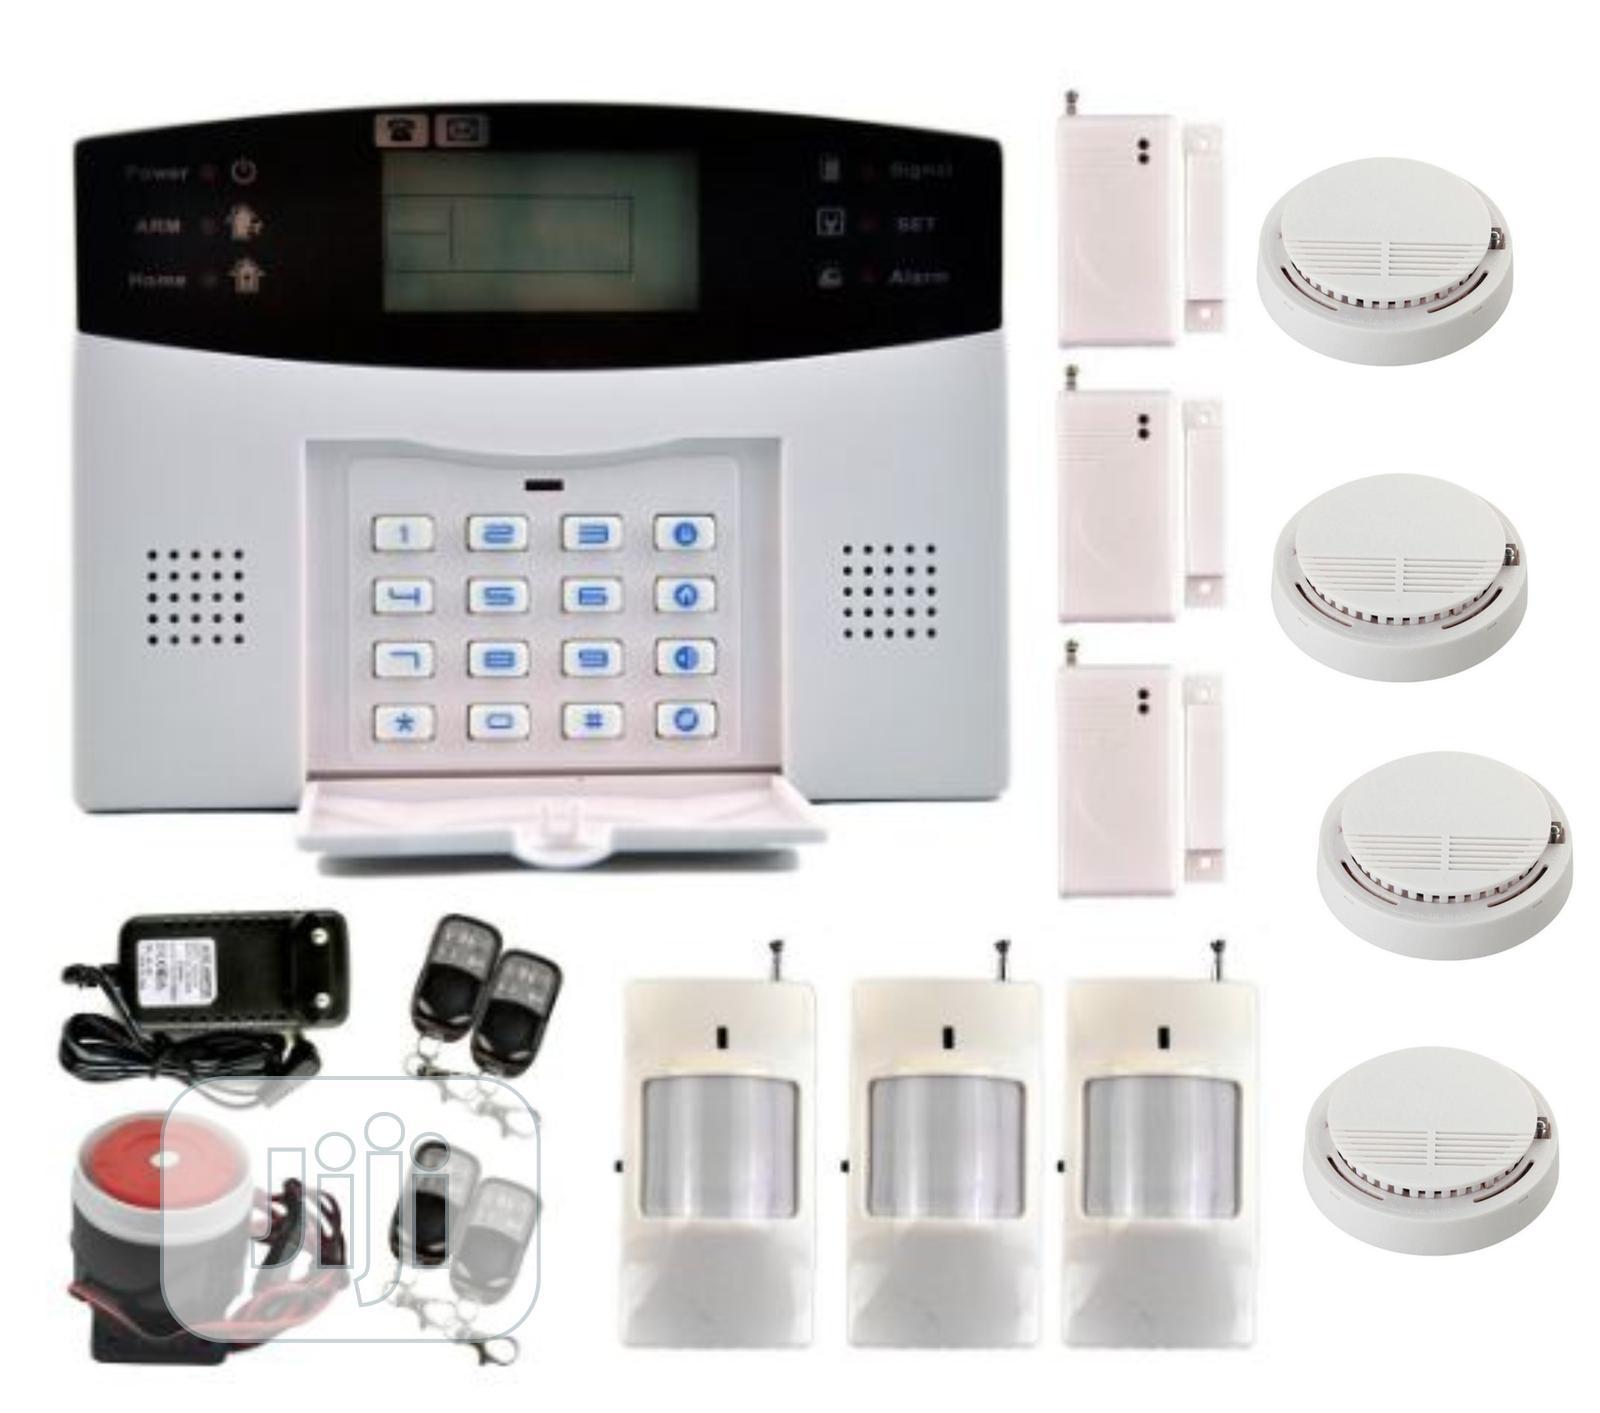 Gsm Burglary Alarm System +4pcs Smoke +3pcs PIR+3pcs Contact Sensors